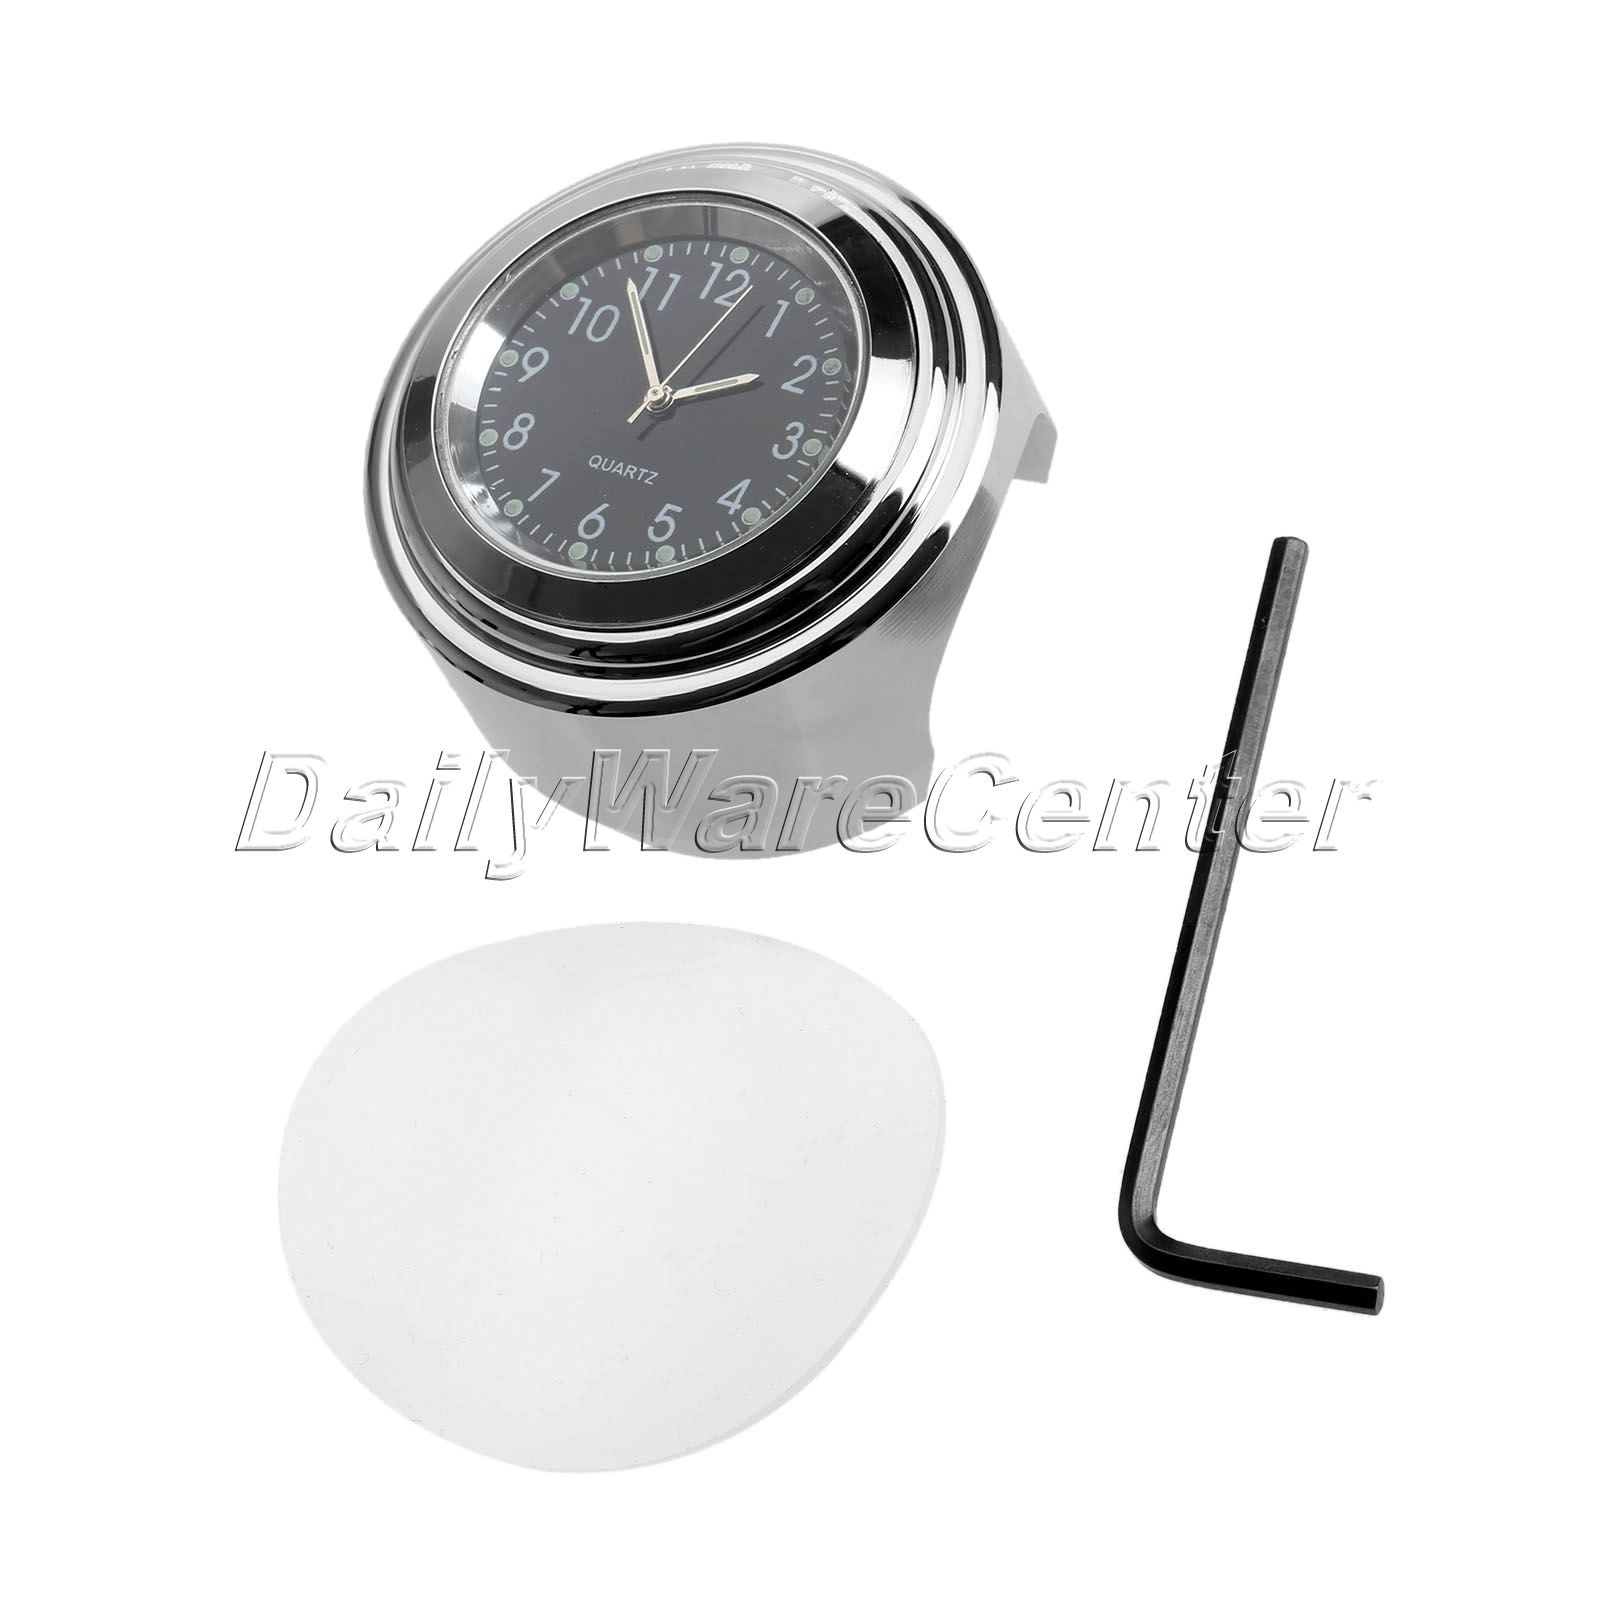 Diam/ètre du guidon pour Spotlight HeadLight Syst/ème /électrique 22mm 12V Moto Guidon contr/ôle interrupteur /étanche en aluminium CNC for moins de 7//8 23mm Moto Interrupteur